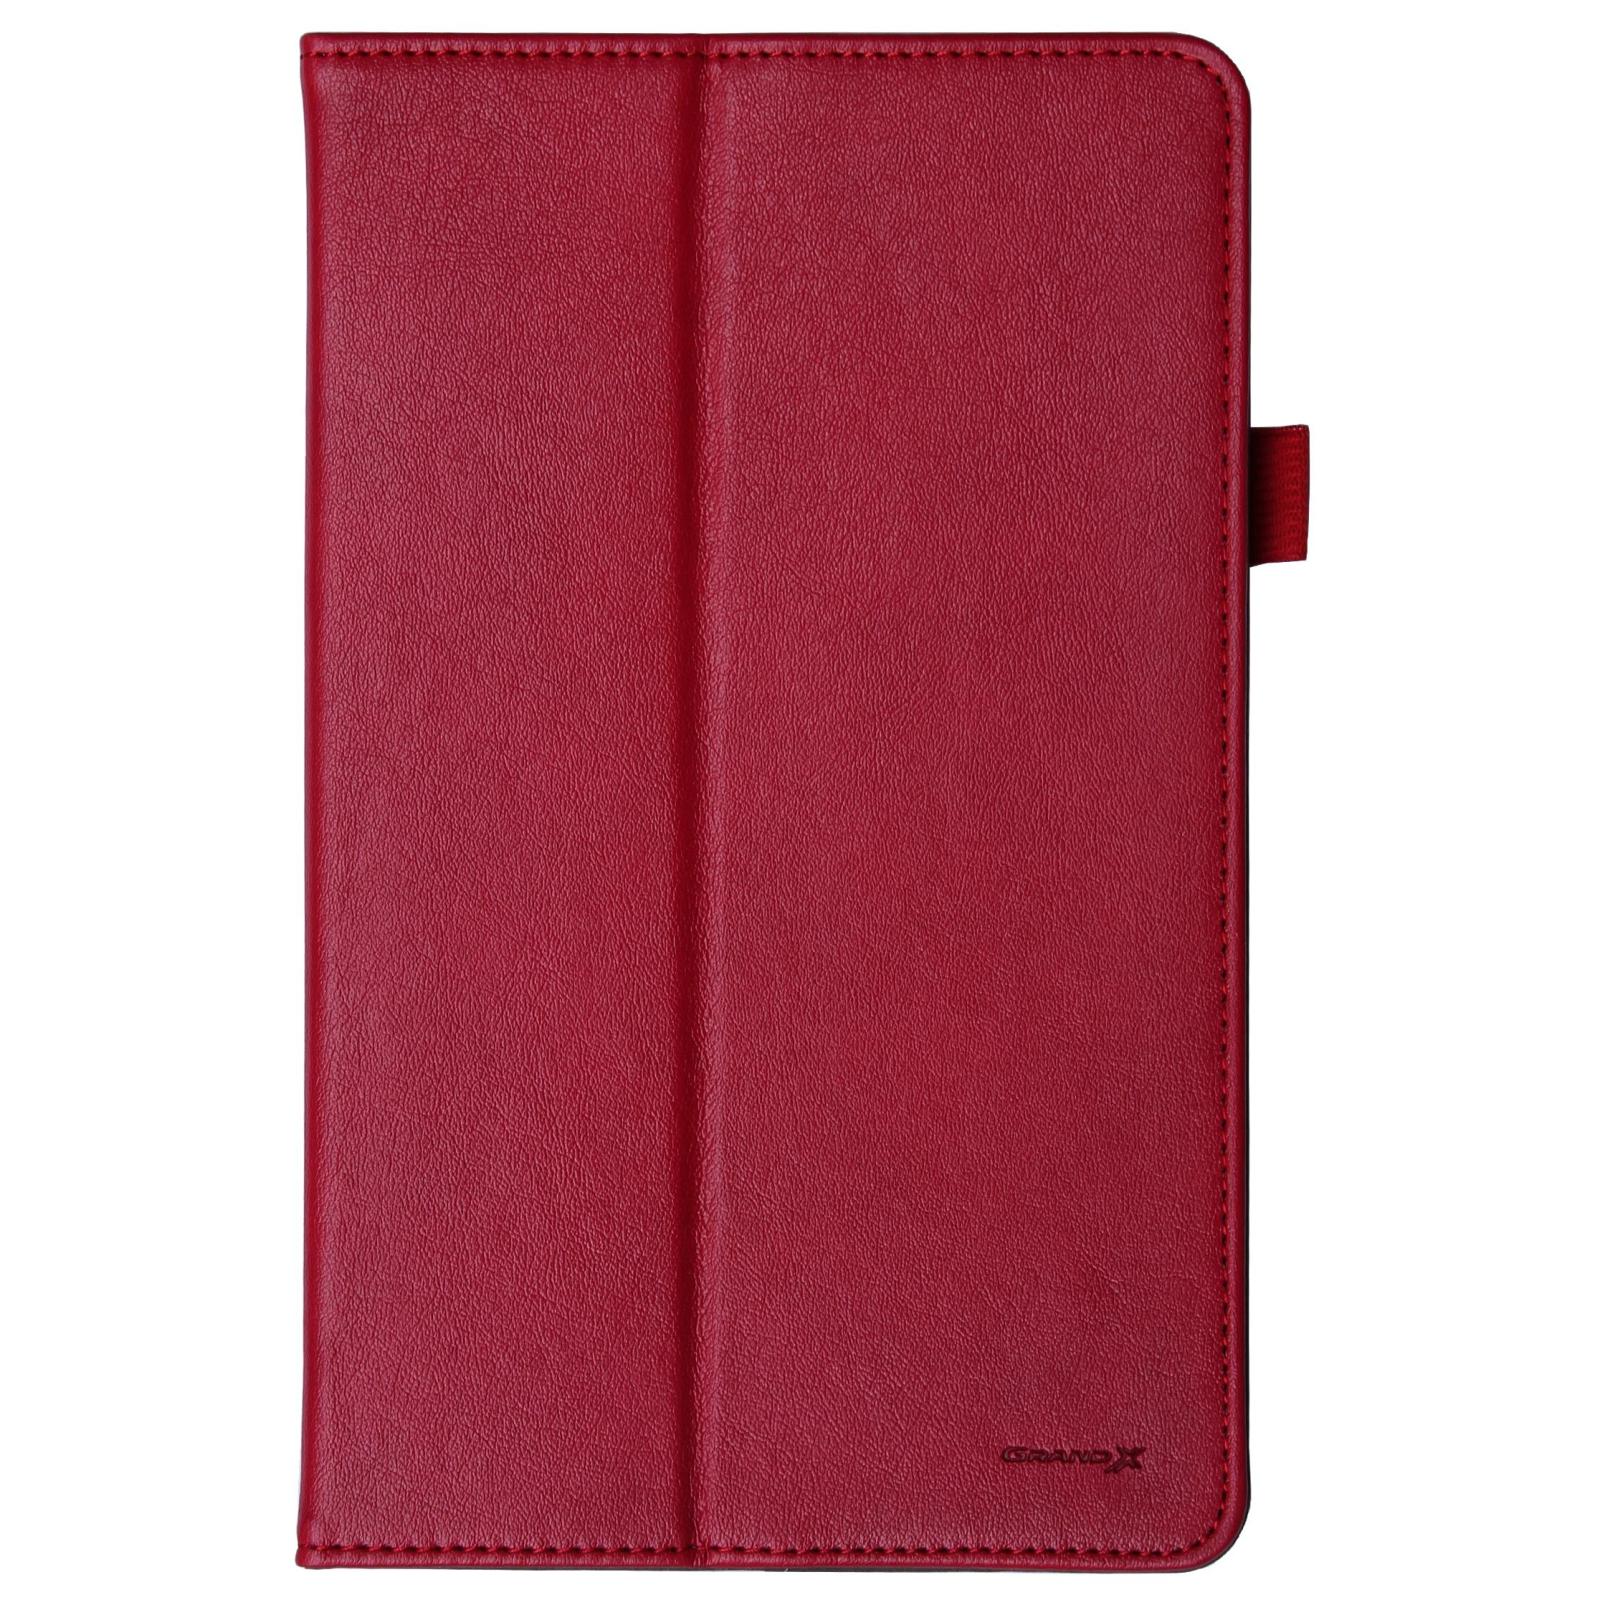 Чехол для планшета Grand-X для Lenovo TAB4 8 Plus TB-8704 Business Class Red (LTC-LT48PBR)